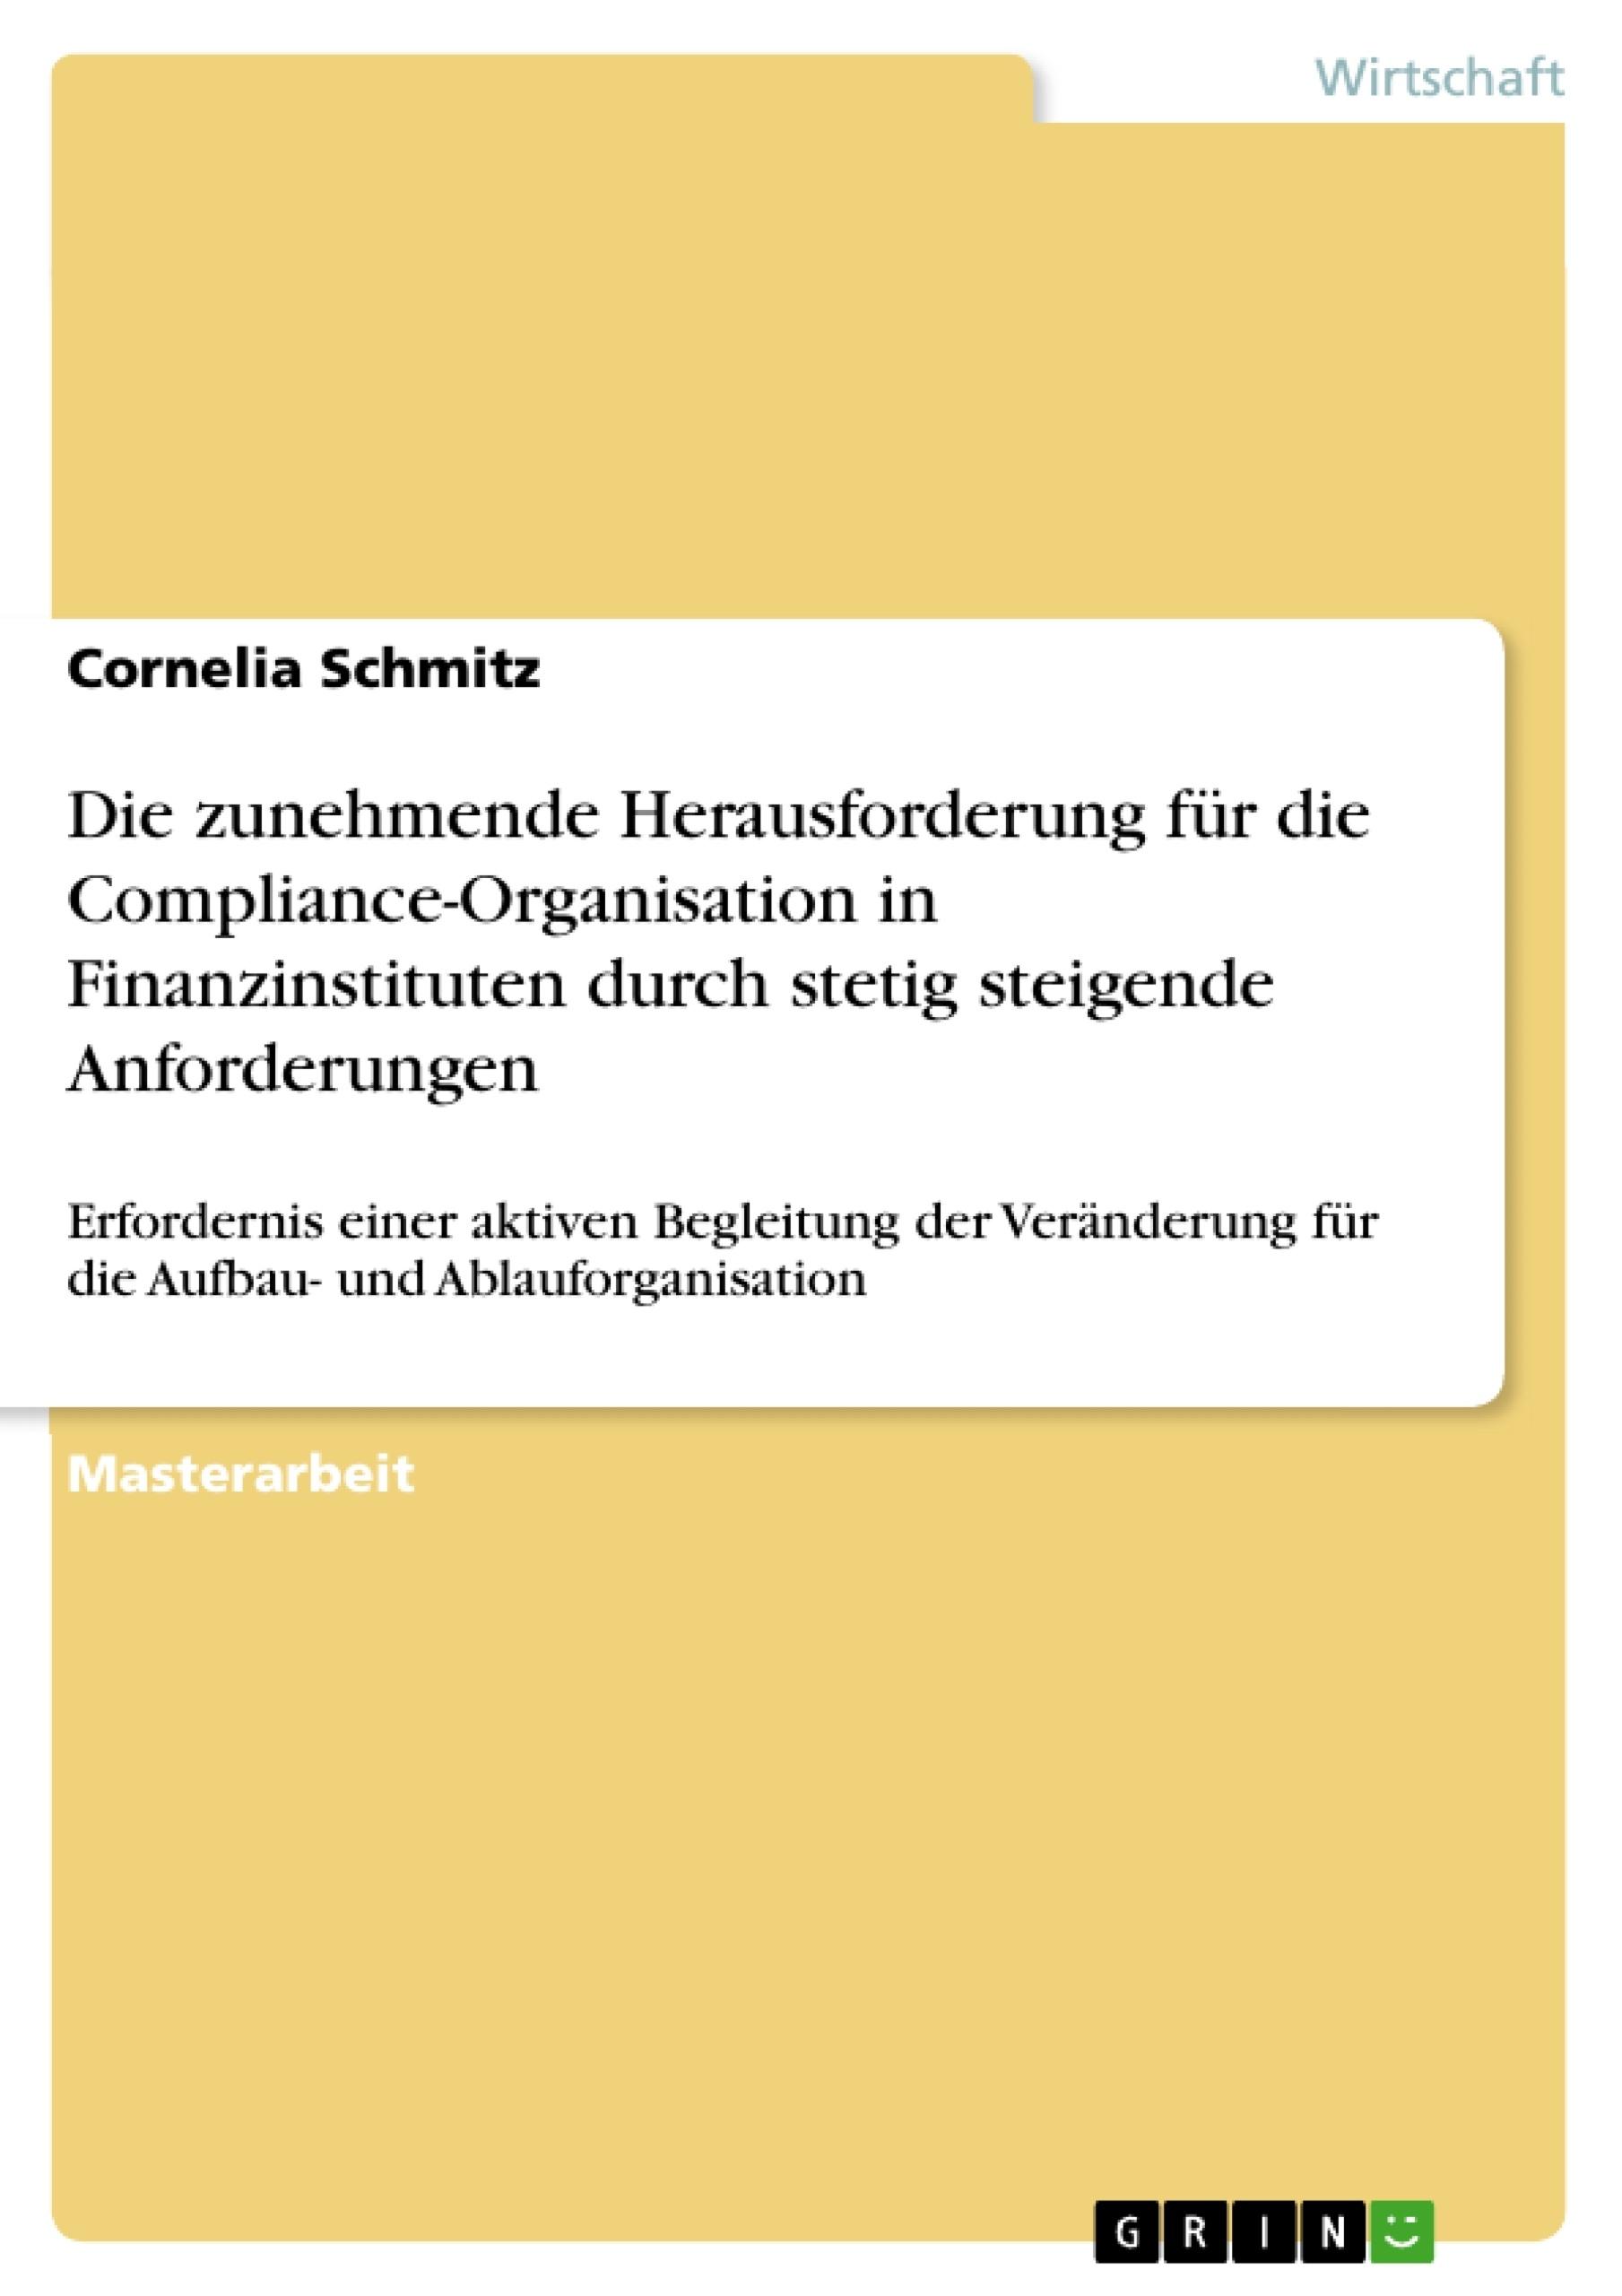 Titel: Die zunehmende Herausforderung für die Compliance-Organisation in Finanzinstituten durch stetig steigende Anforderungen